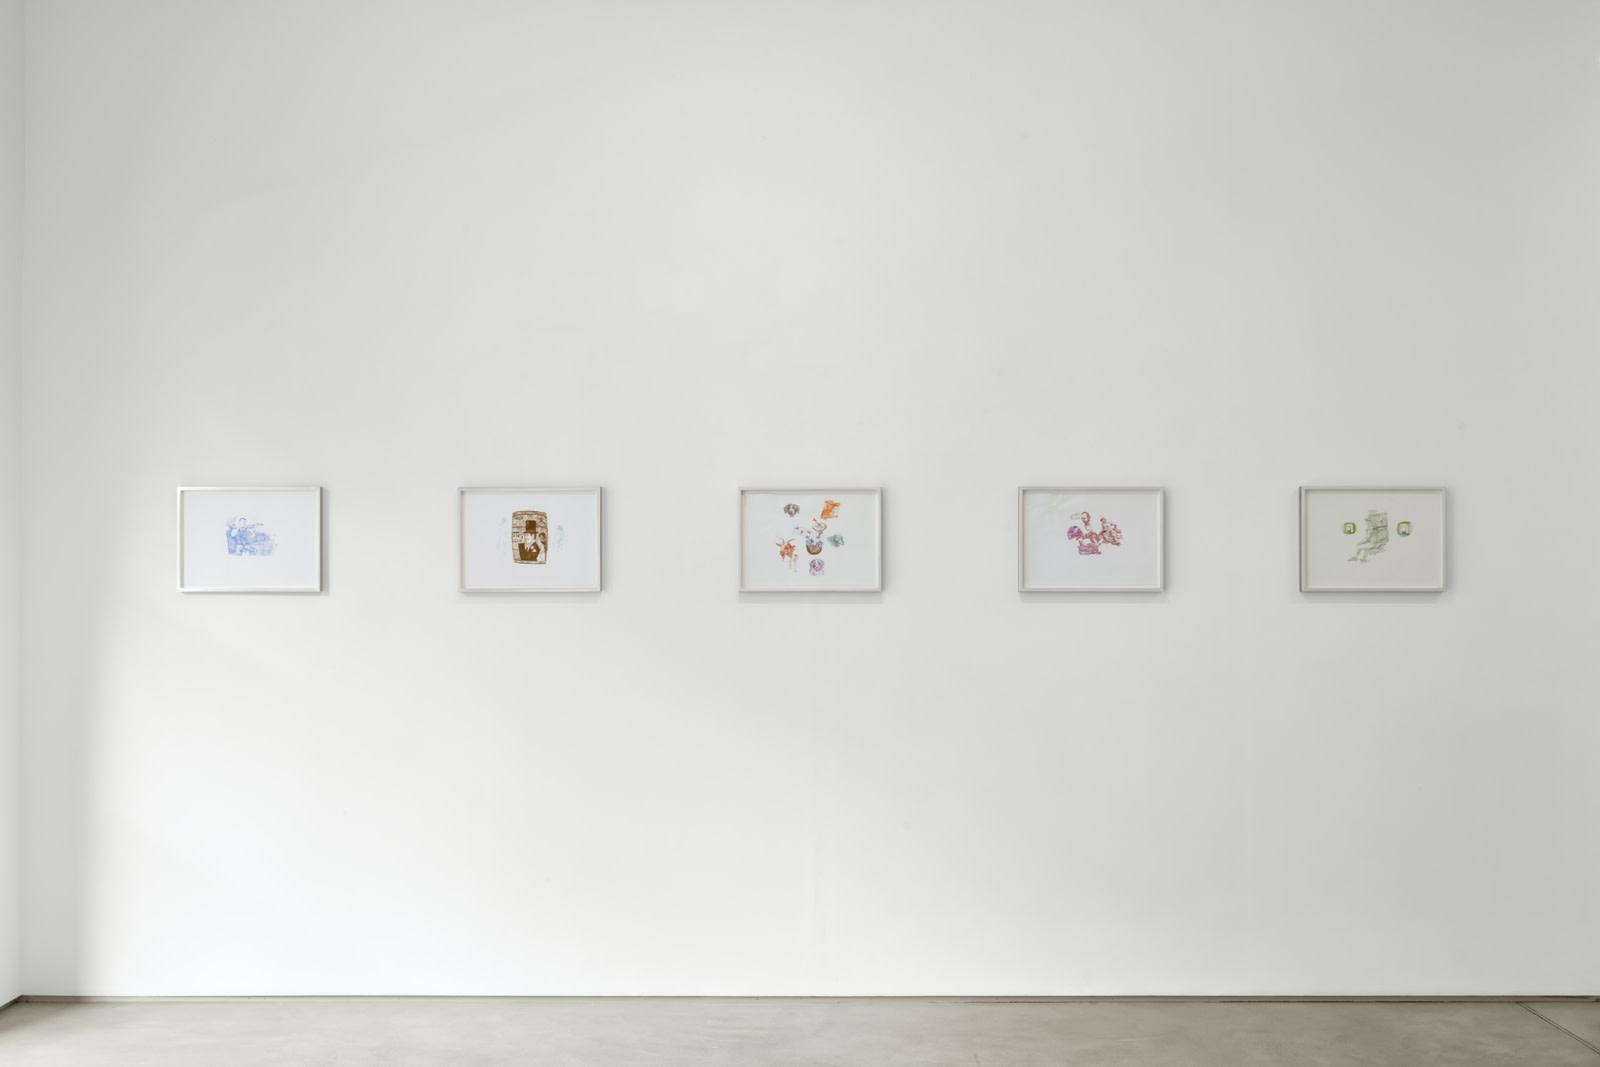 """<div class=""""artwork_caption""""><p>Installation view, Helen Marten, Viewing room, 62 Kingly Street W1, 16 September - 17 October 2020</p><p>Photography by Robert Glowacki</p></div>"""